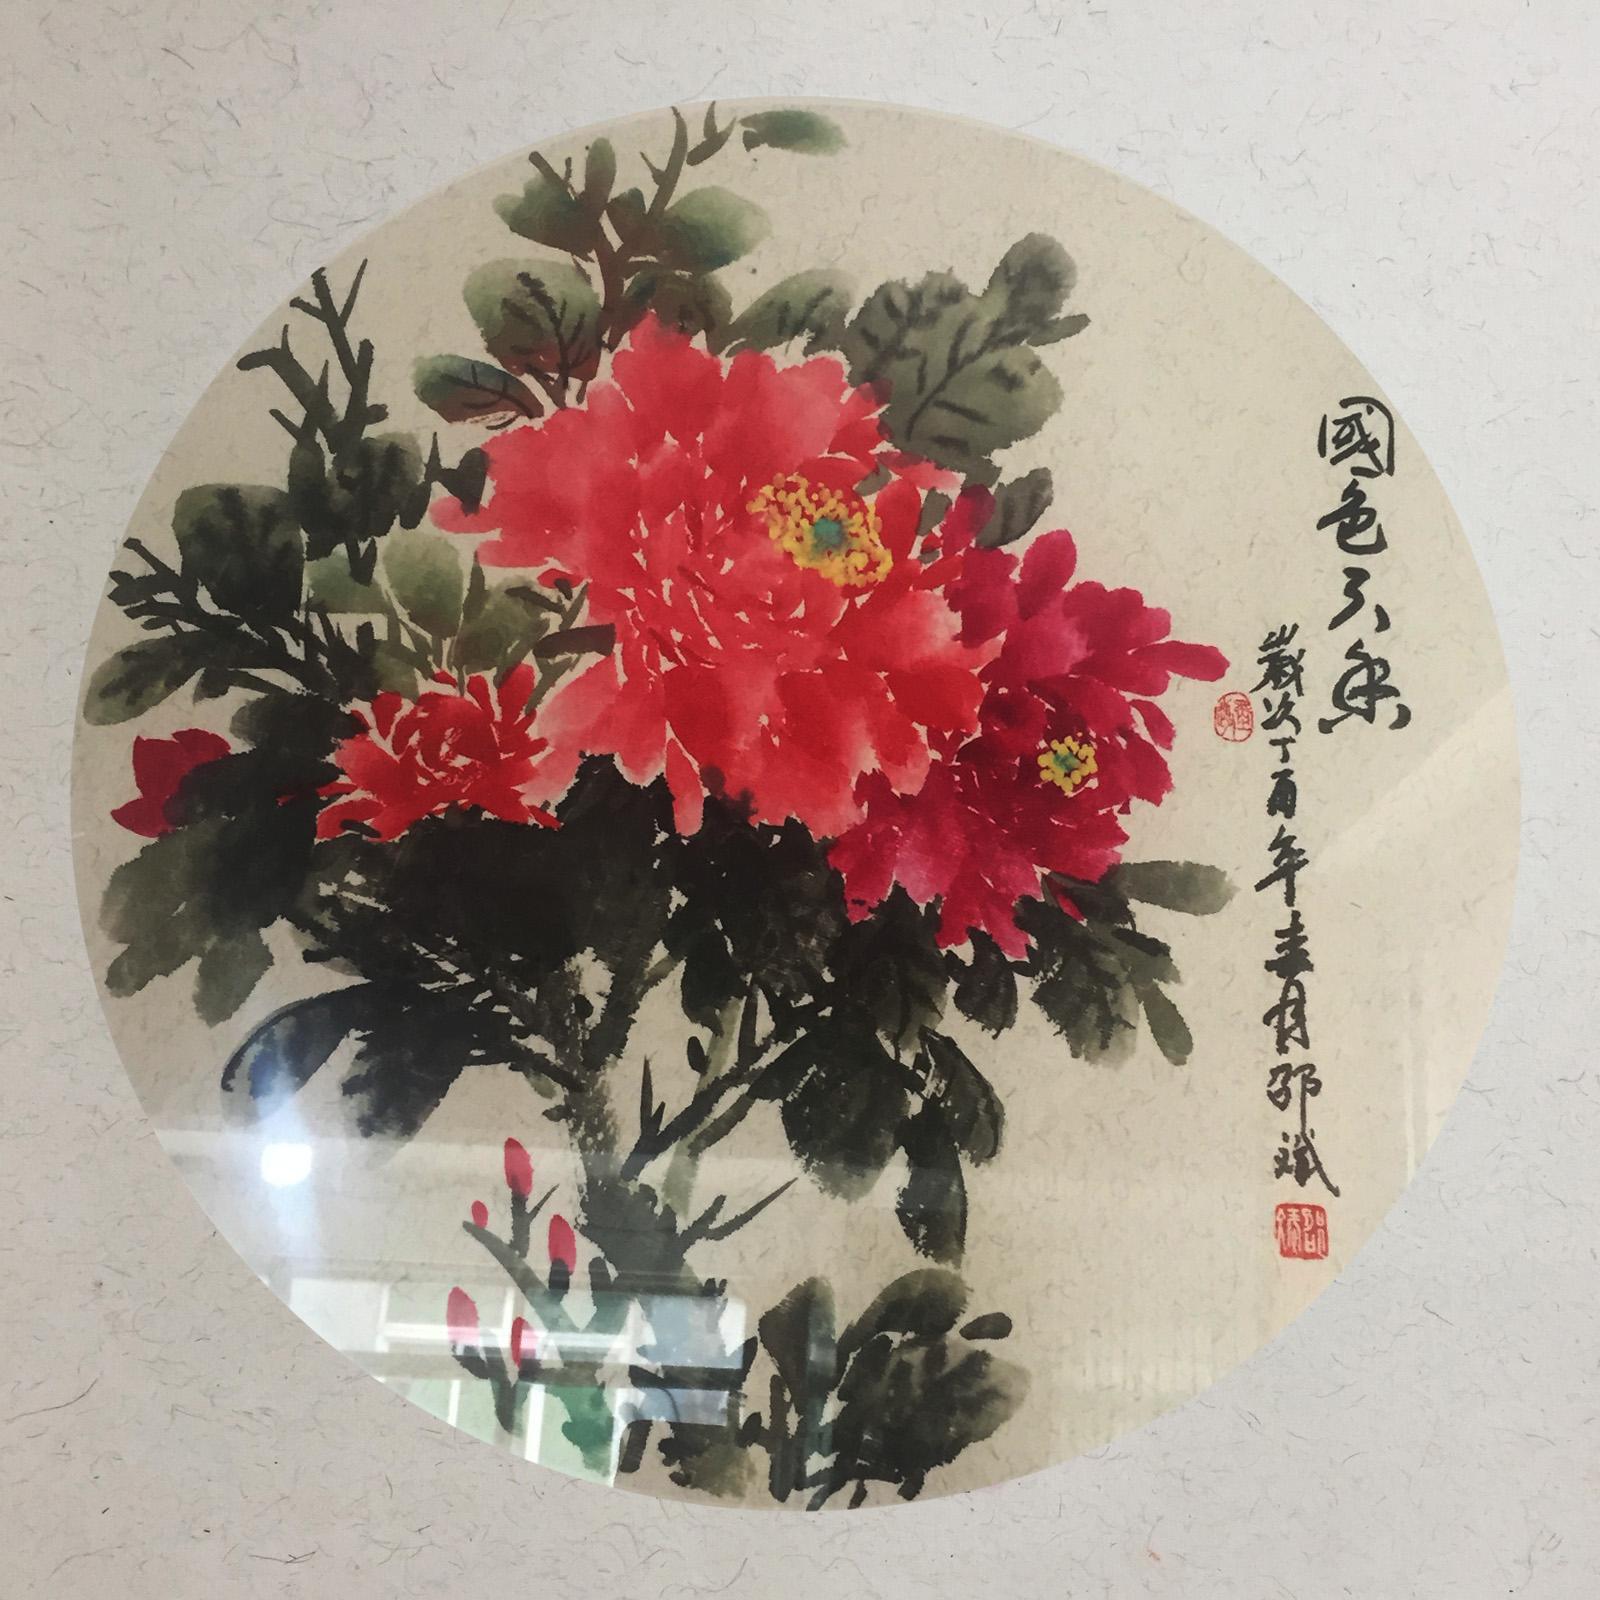 国色天香 圆形扇面 丁酉年春月